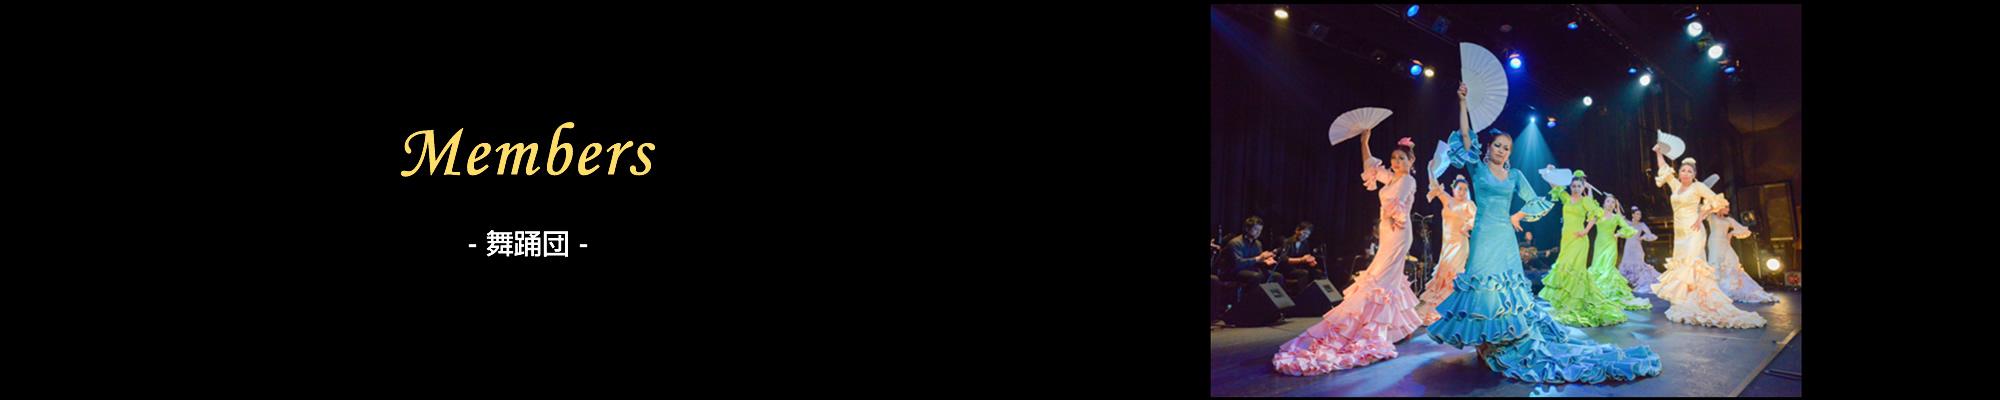 image-06-member